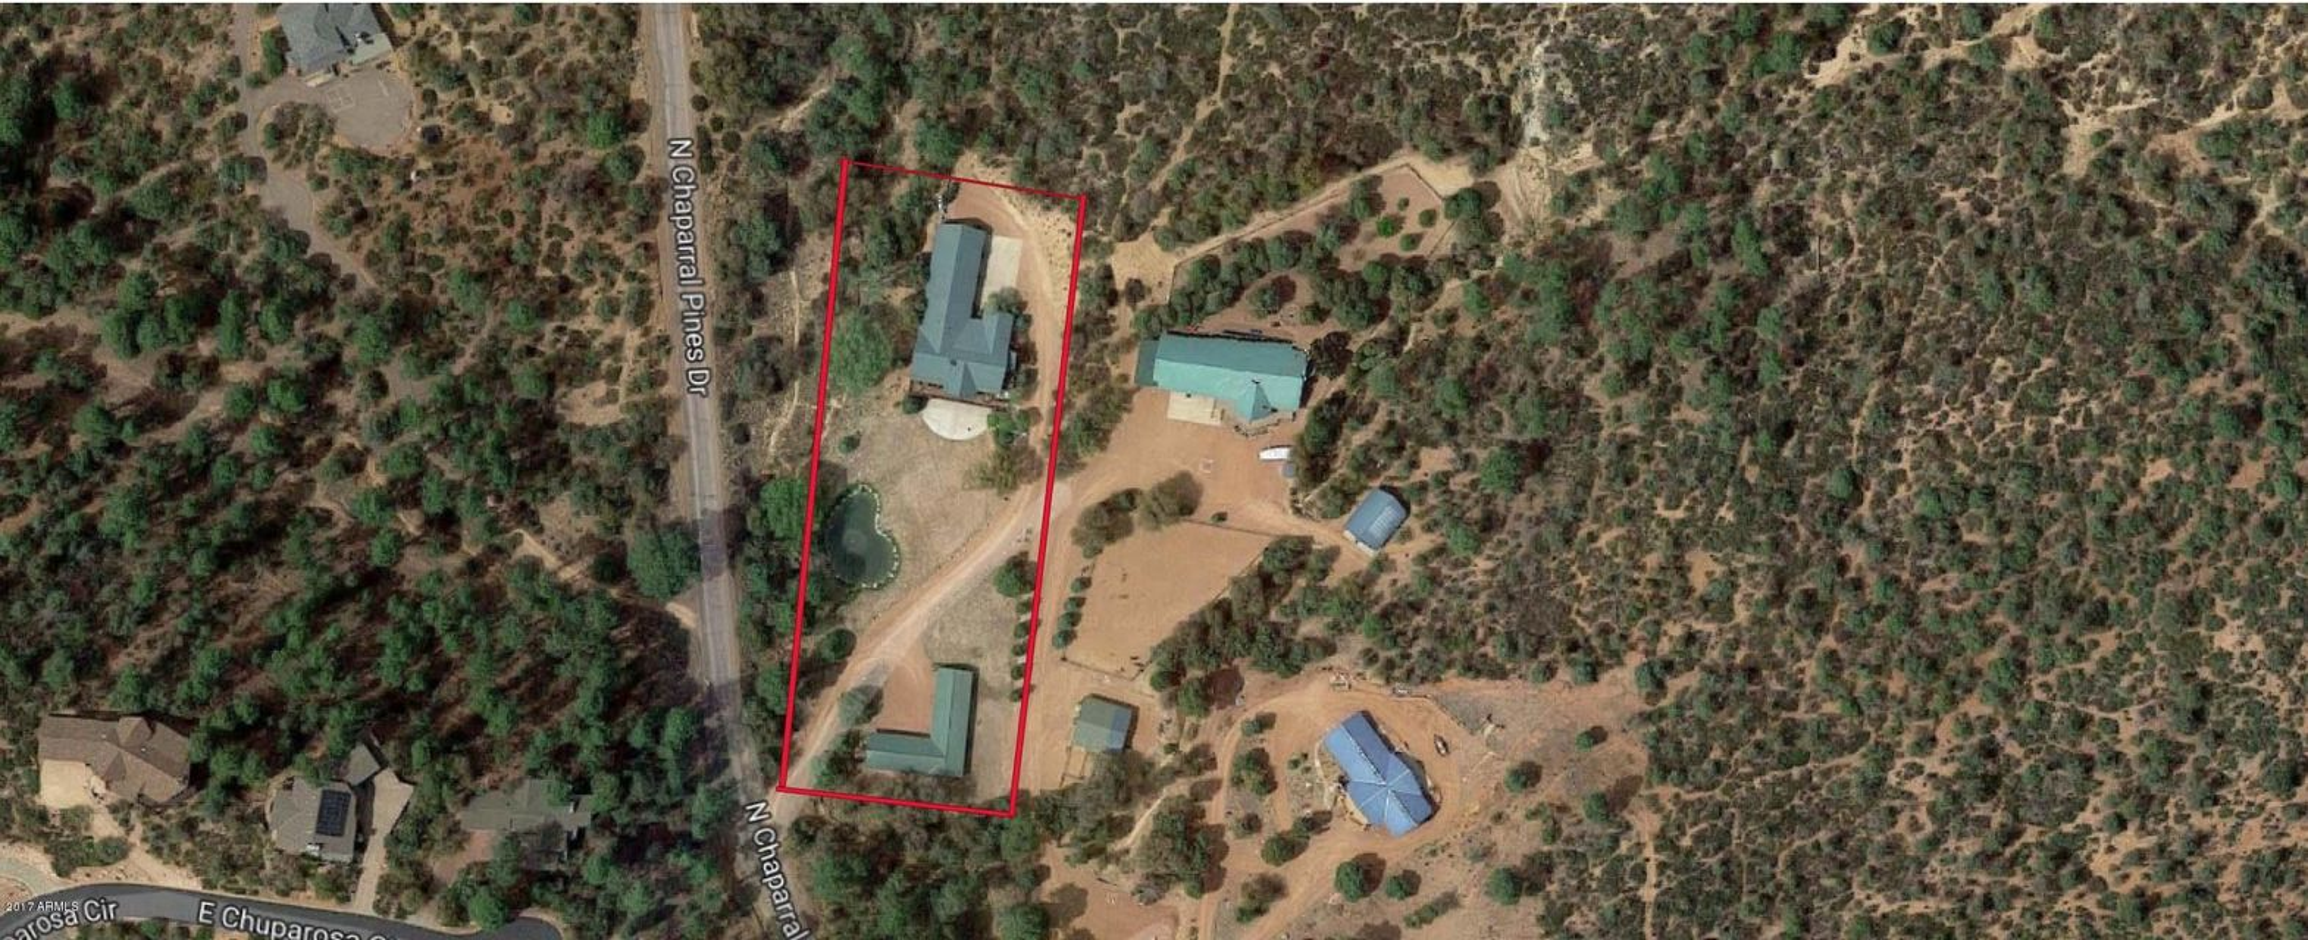 707 N Chaparral Pines Drive Payson, AZ 85541 - MLS #: 5657732